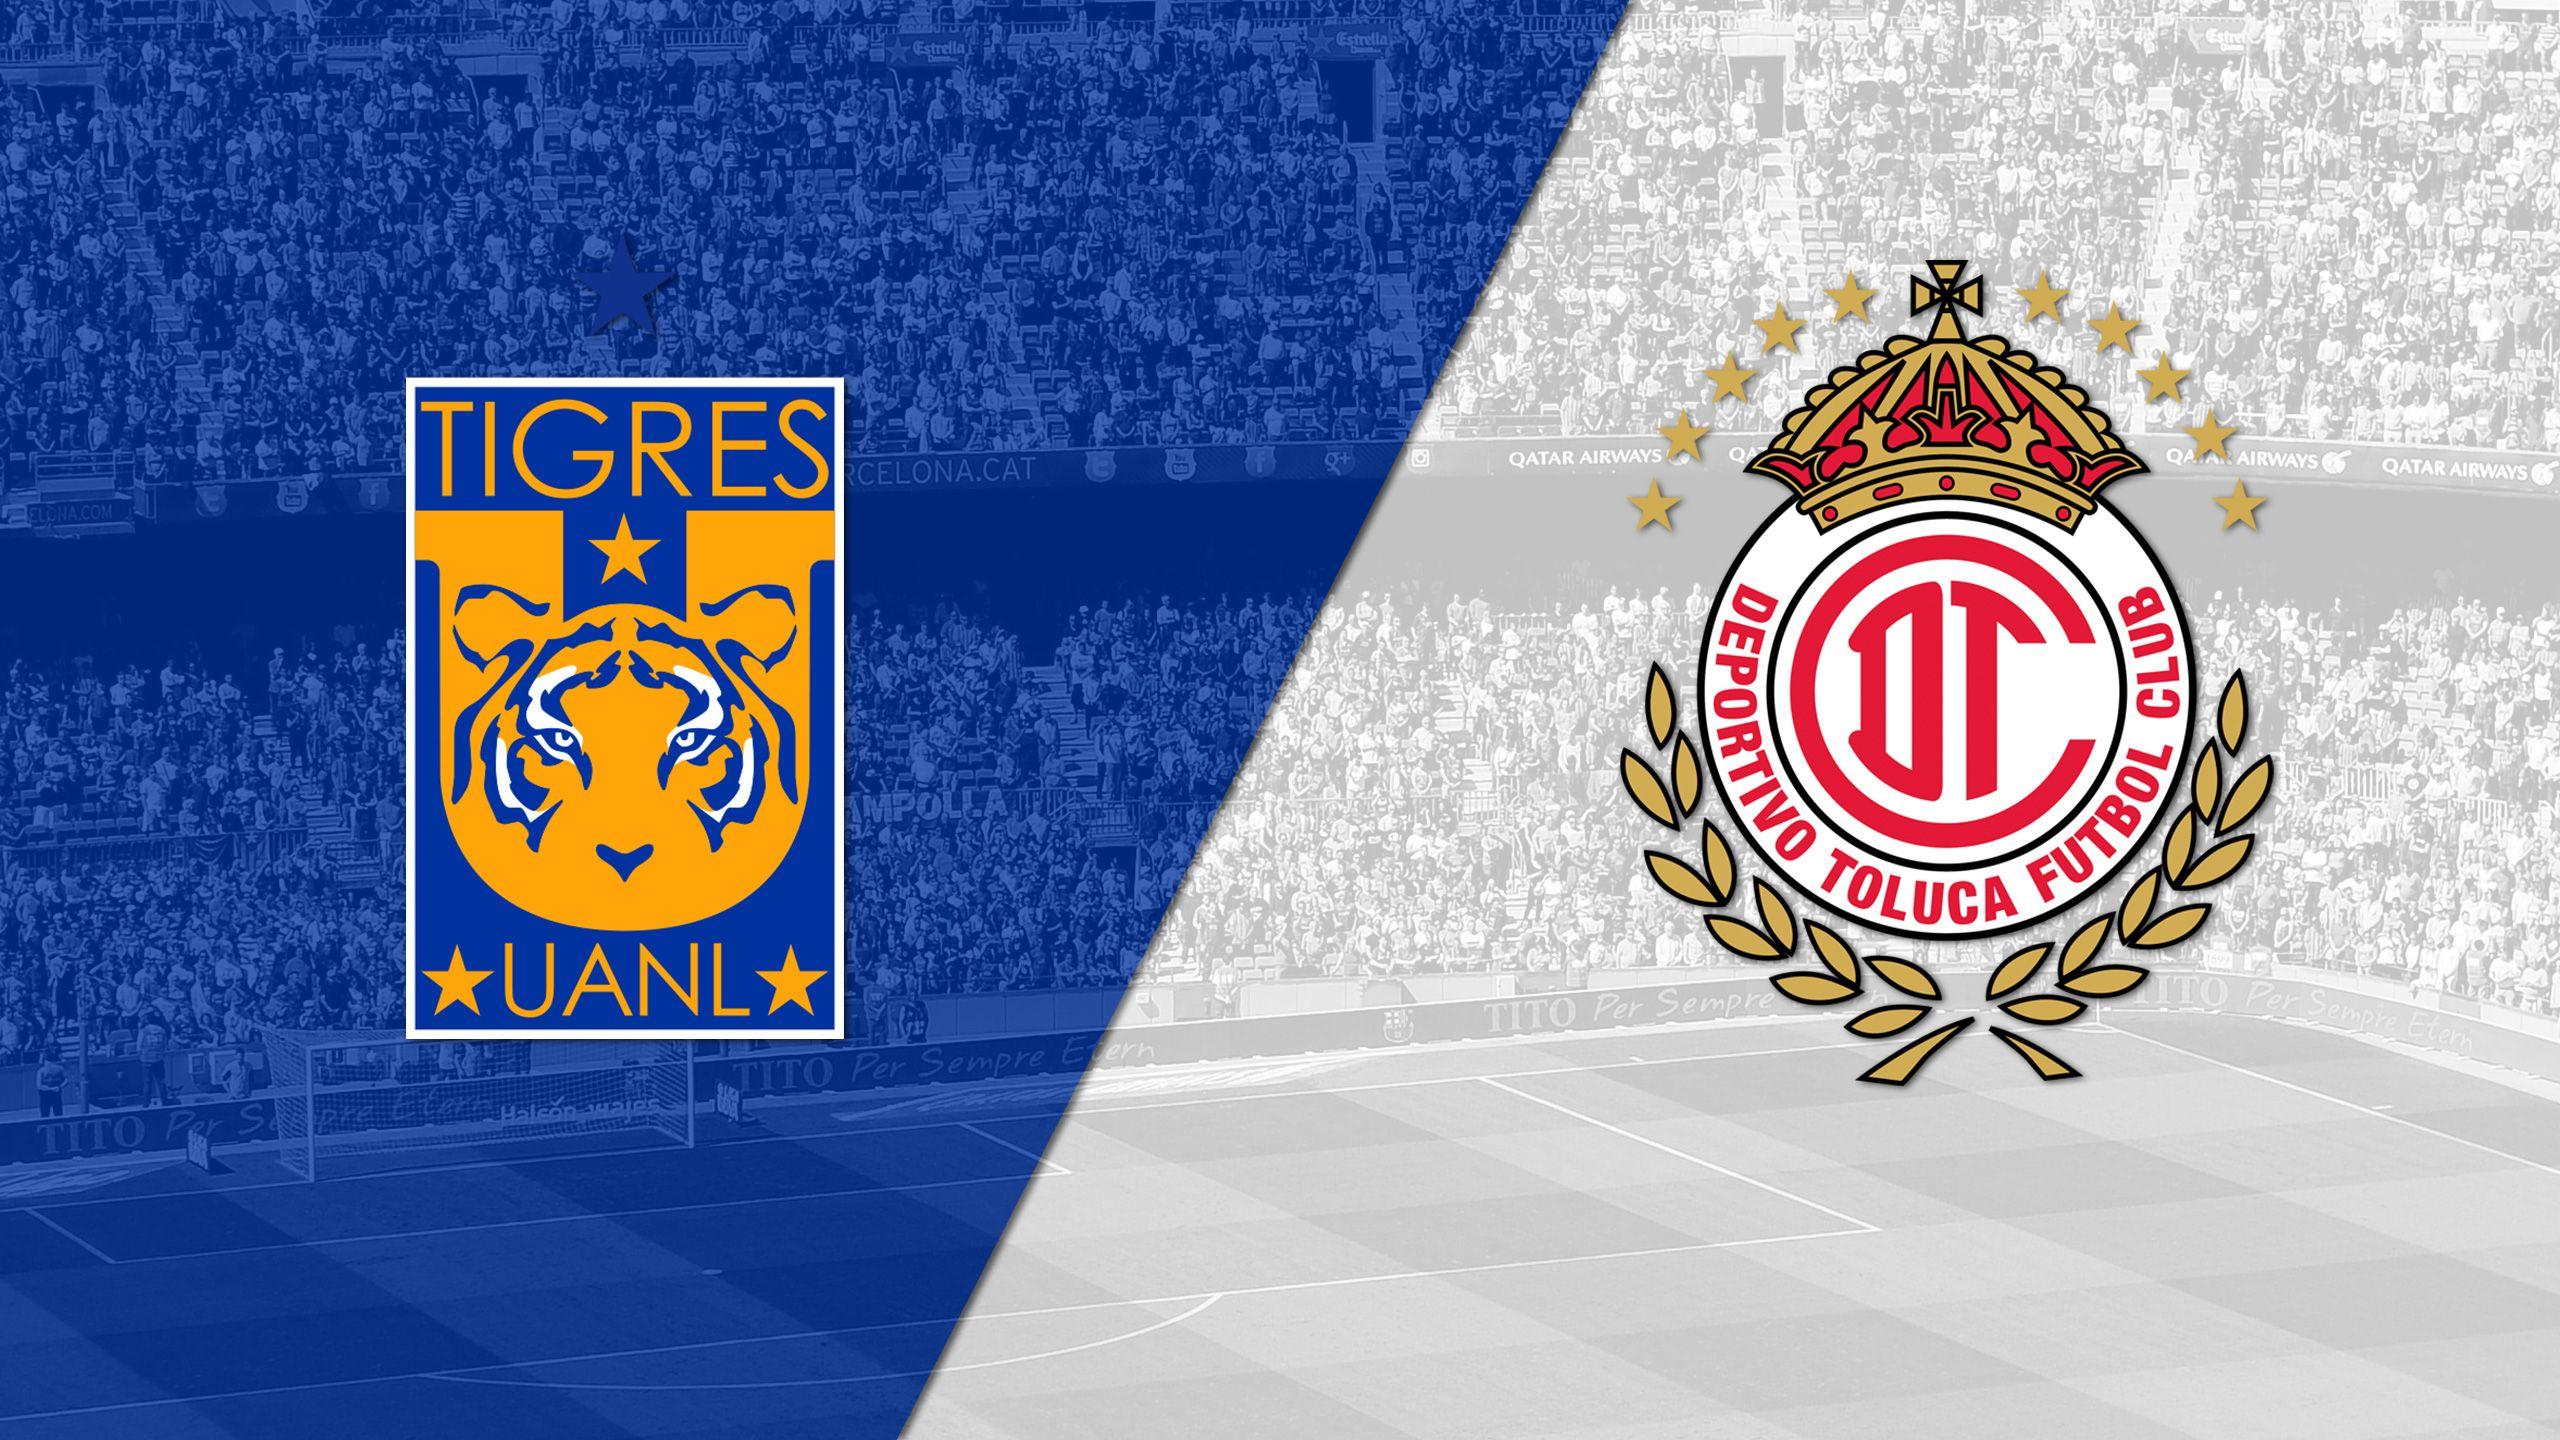 In Spanish - Tigres UANL vs. Toluca (Matchday #14) (Liga MX)